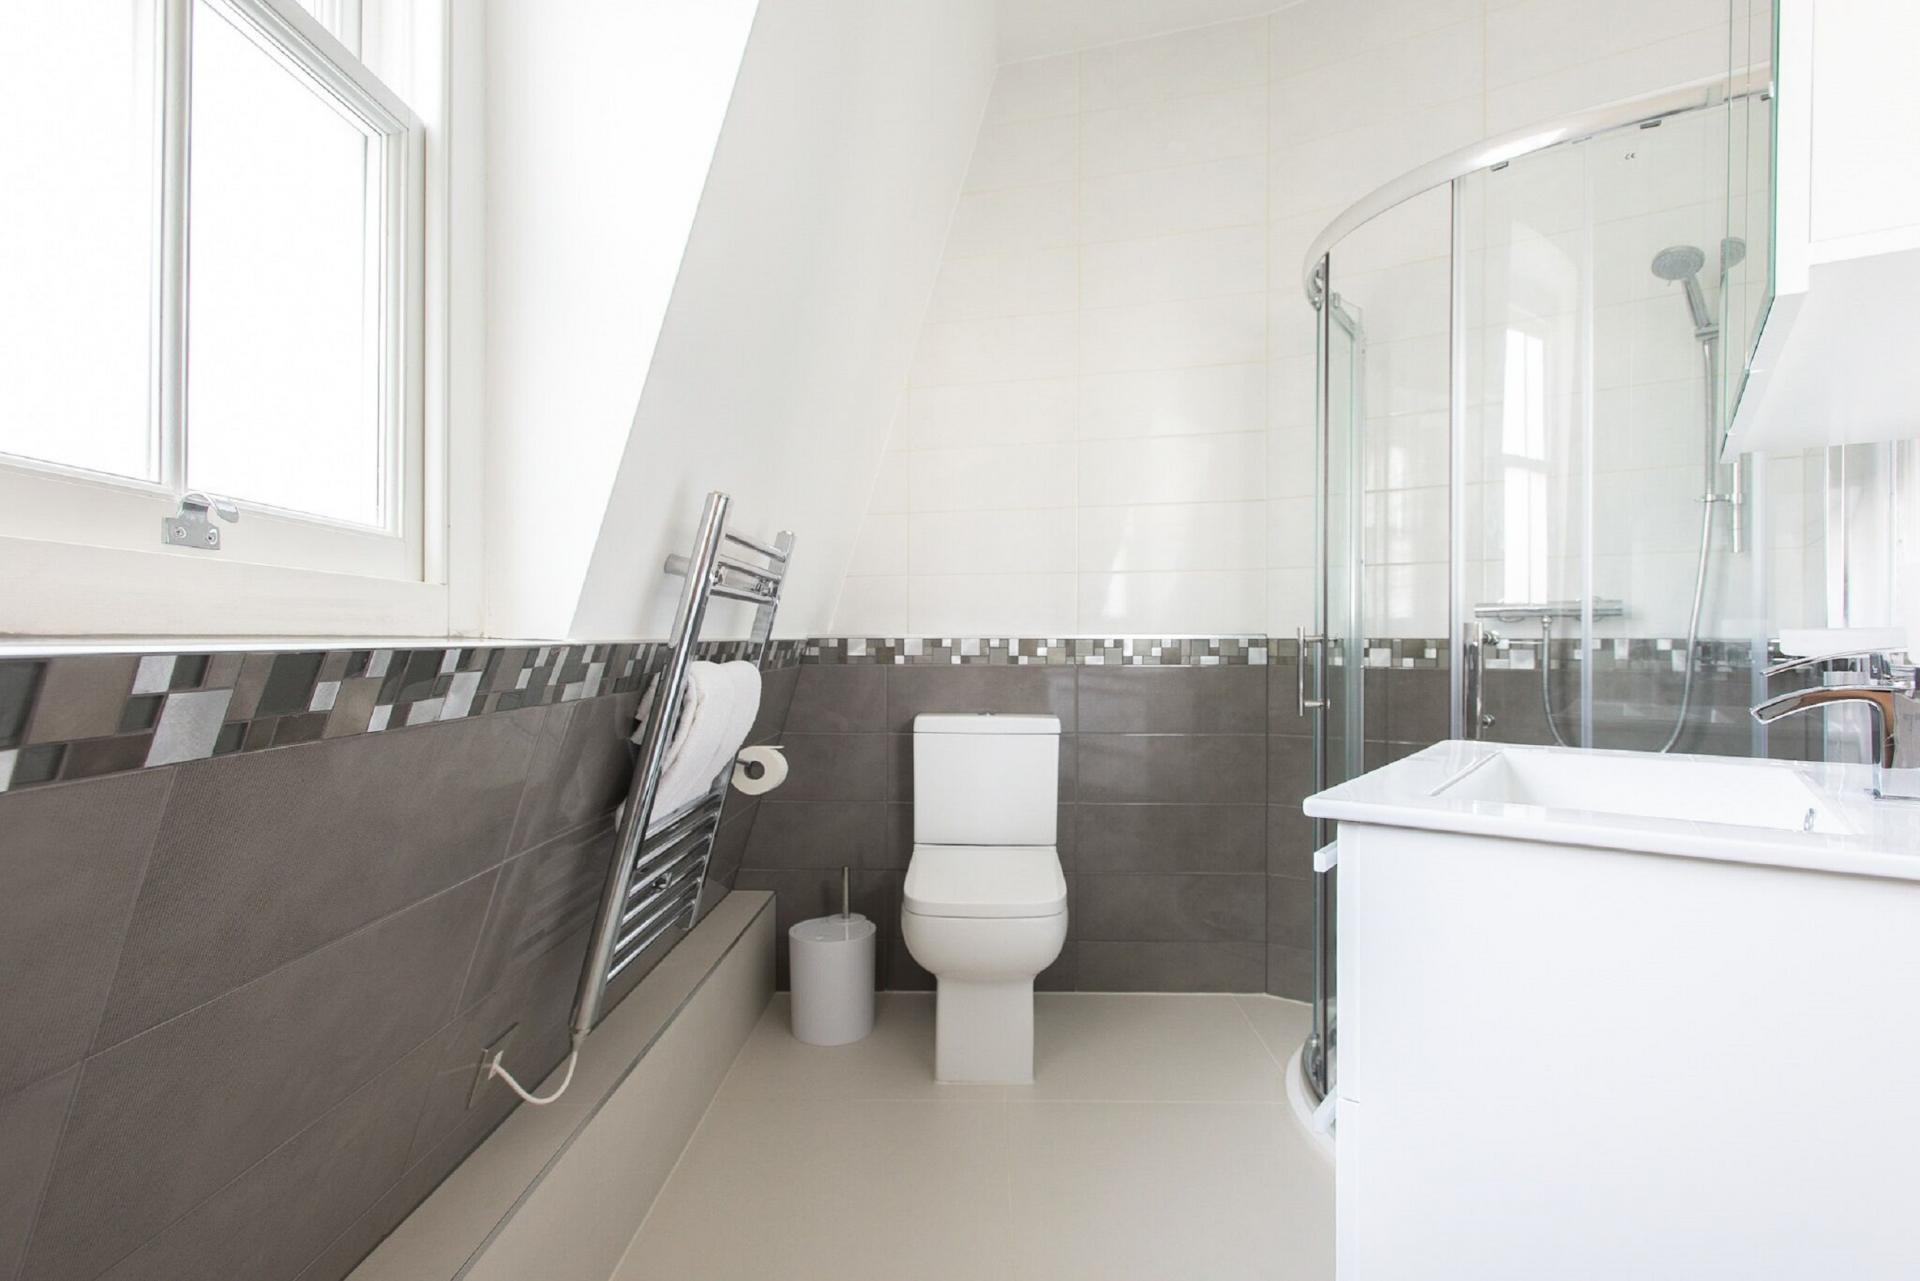 Bathroom at The Soho Loft, Mayfair, London